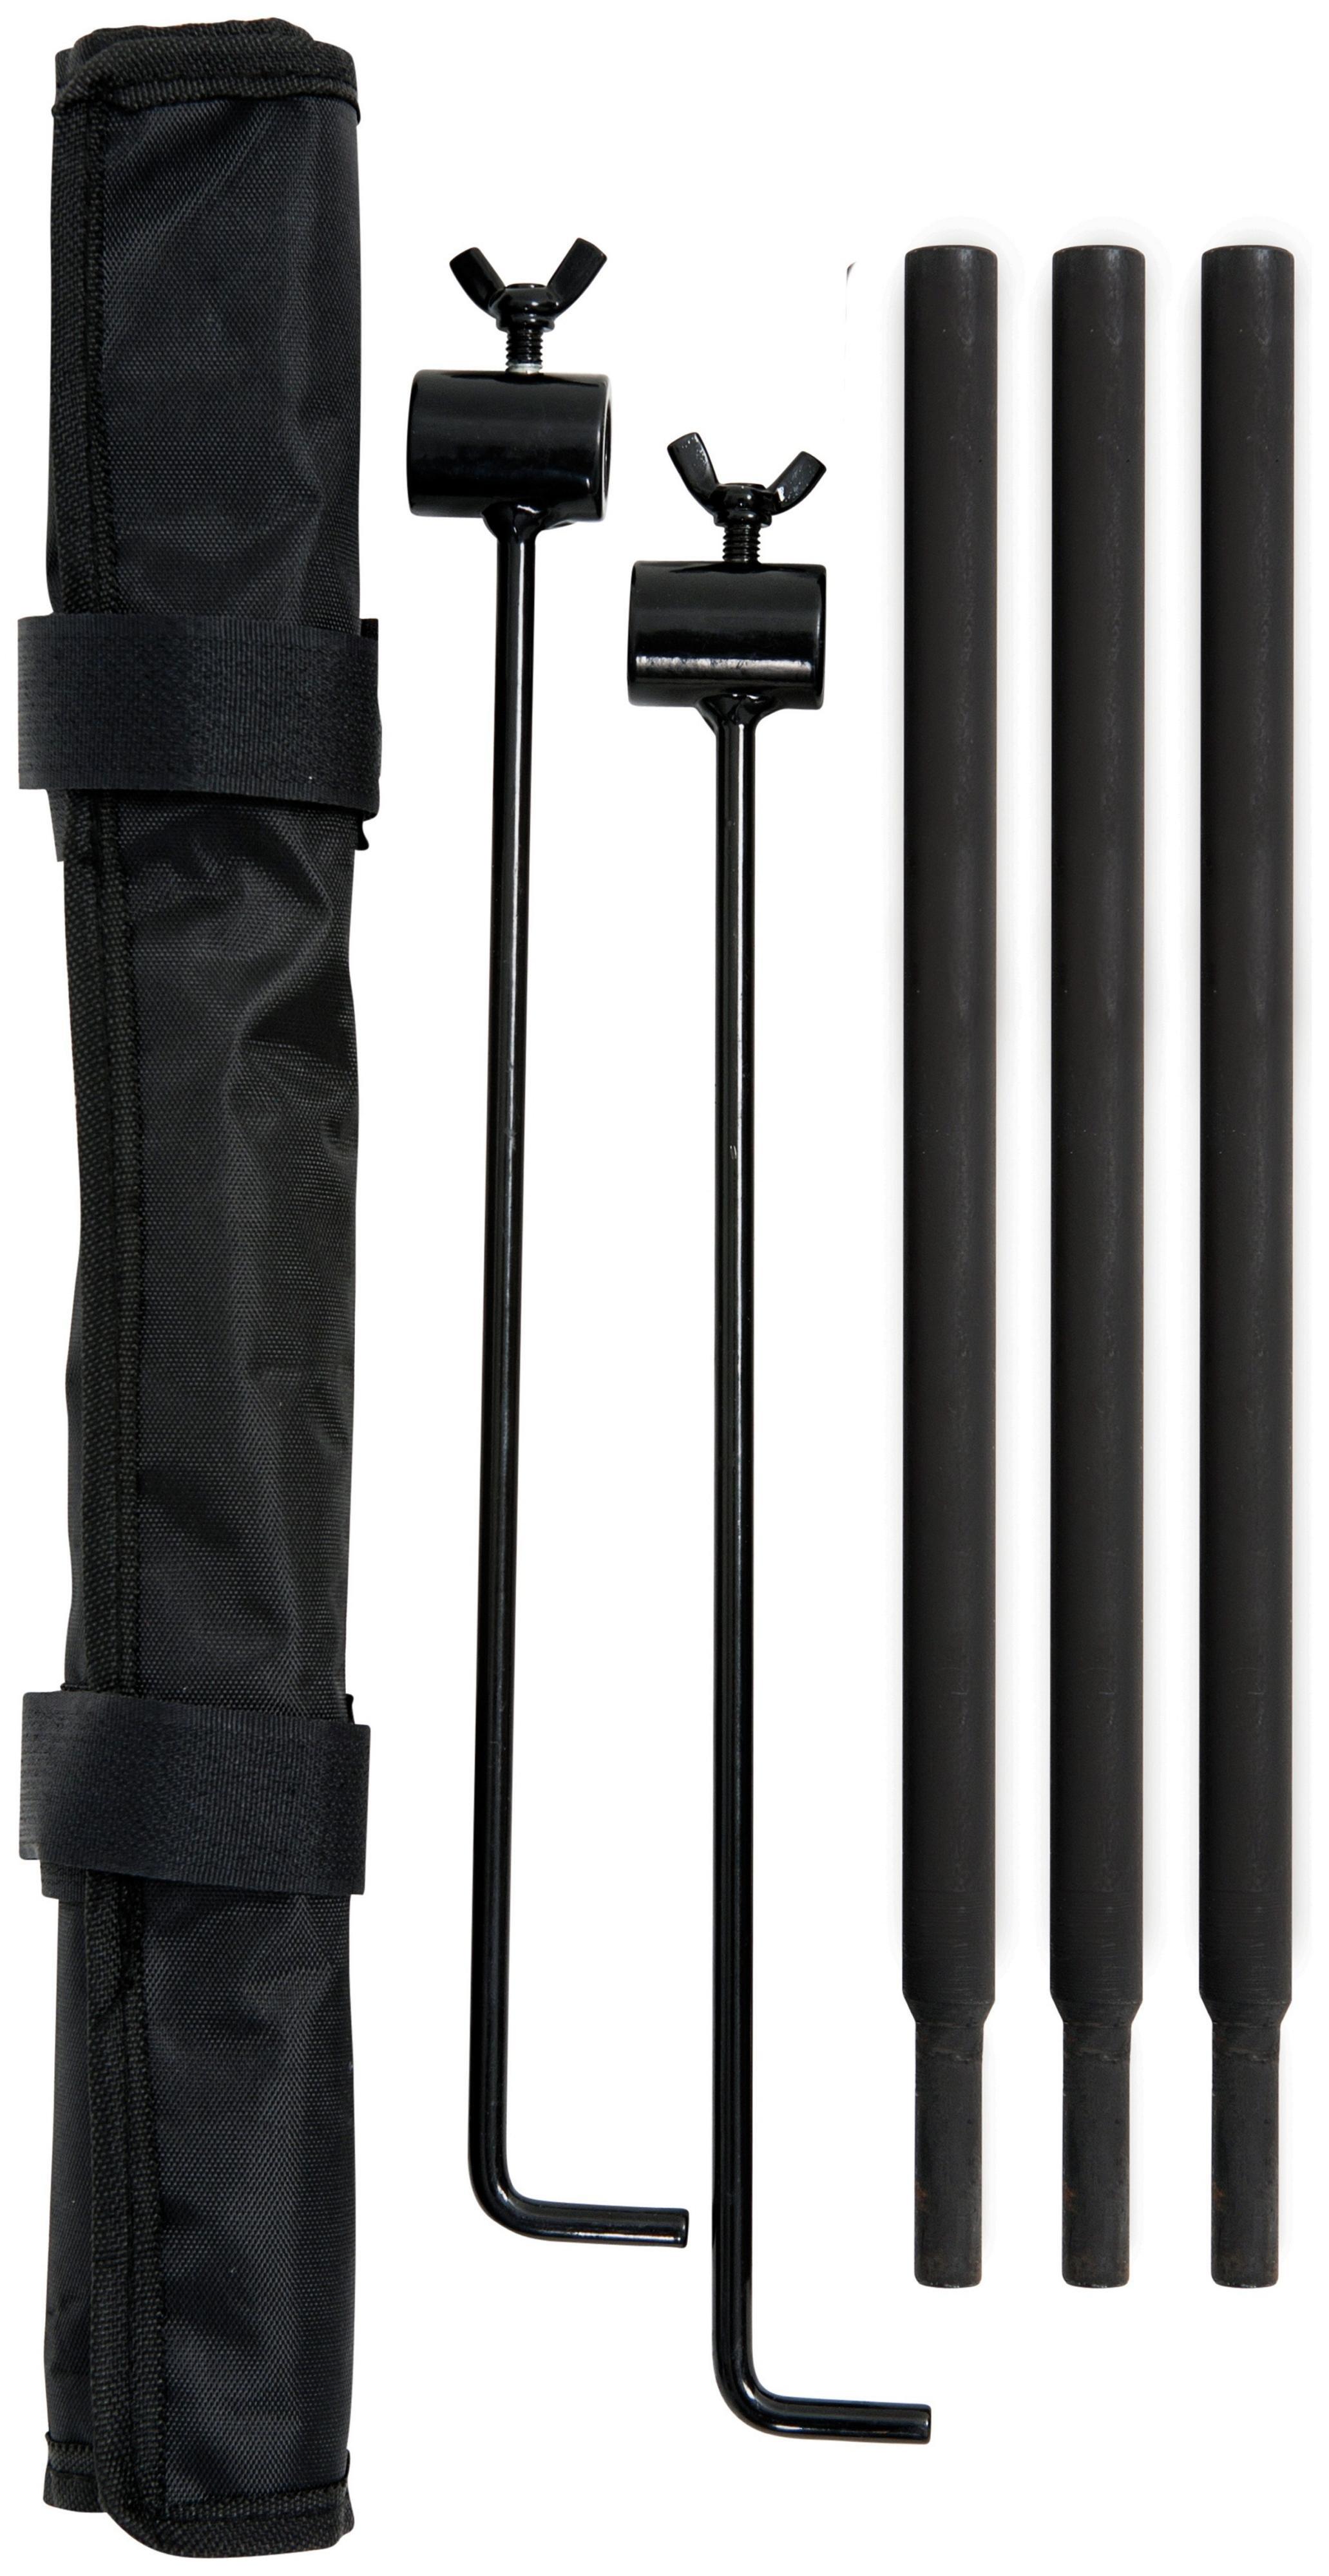 Image of Ozpig - Tool Rack